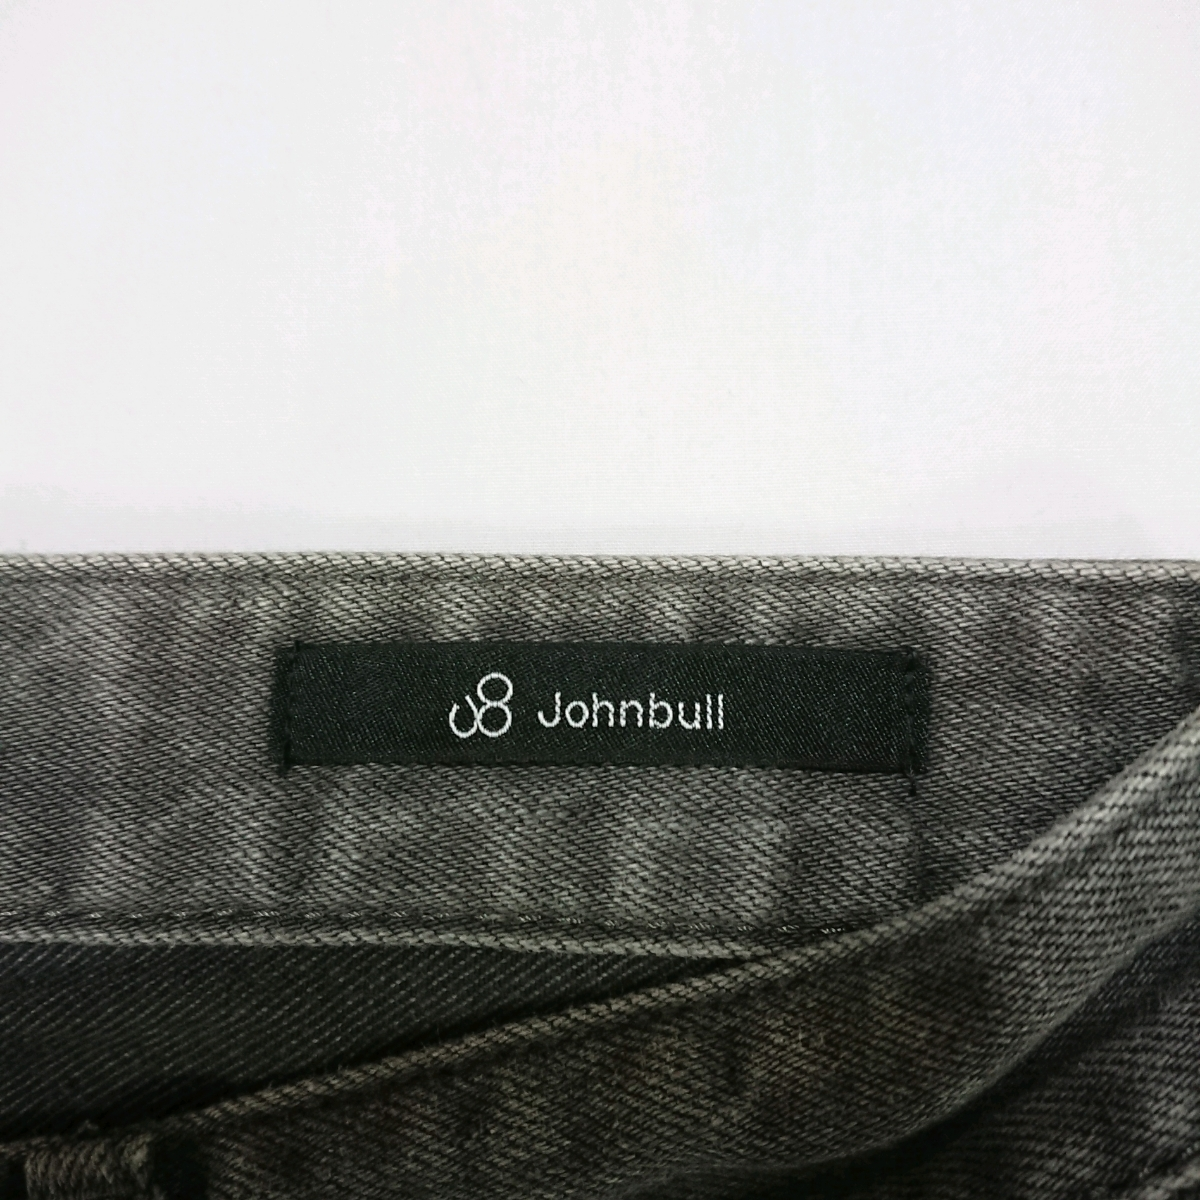 Johnbull ストレッチ デニム ジーンズ ジーパン 11760 日本製 ジョンブル グレー サイズS 送料無料